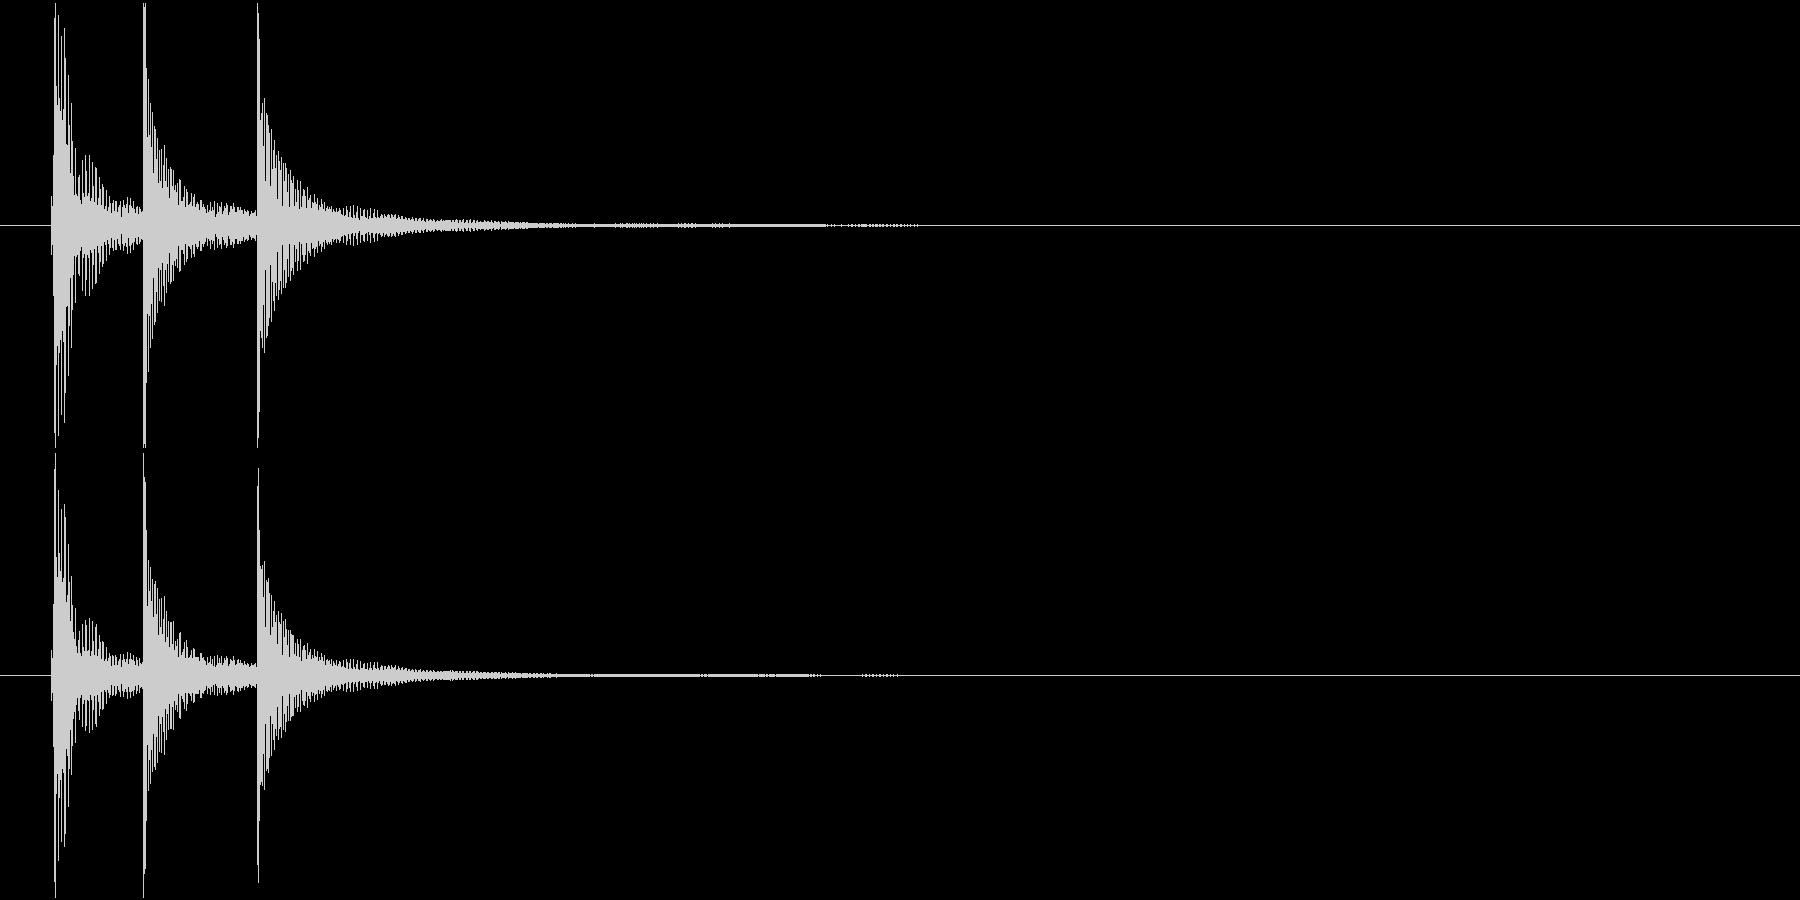 津軽三味線の生音(A-E-A音)の未再生の波形